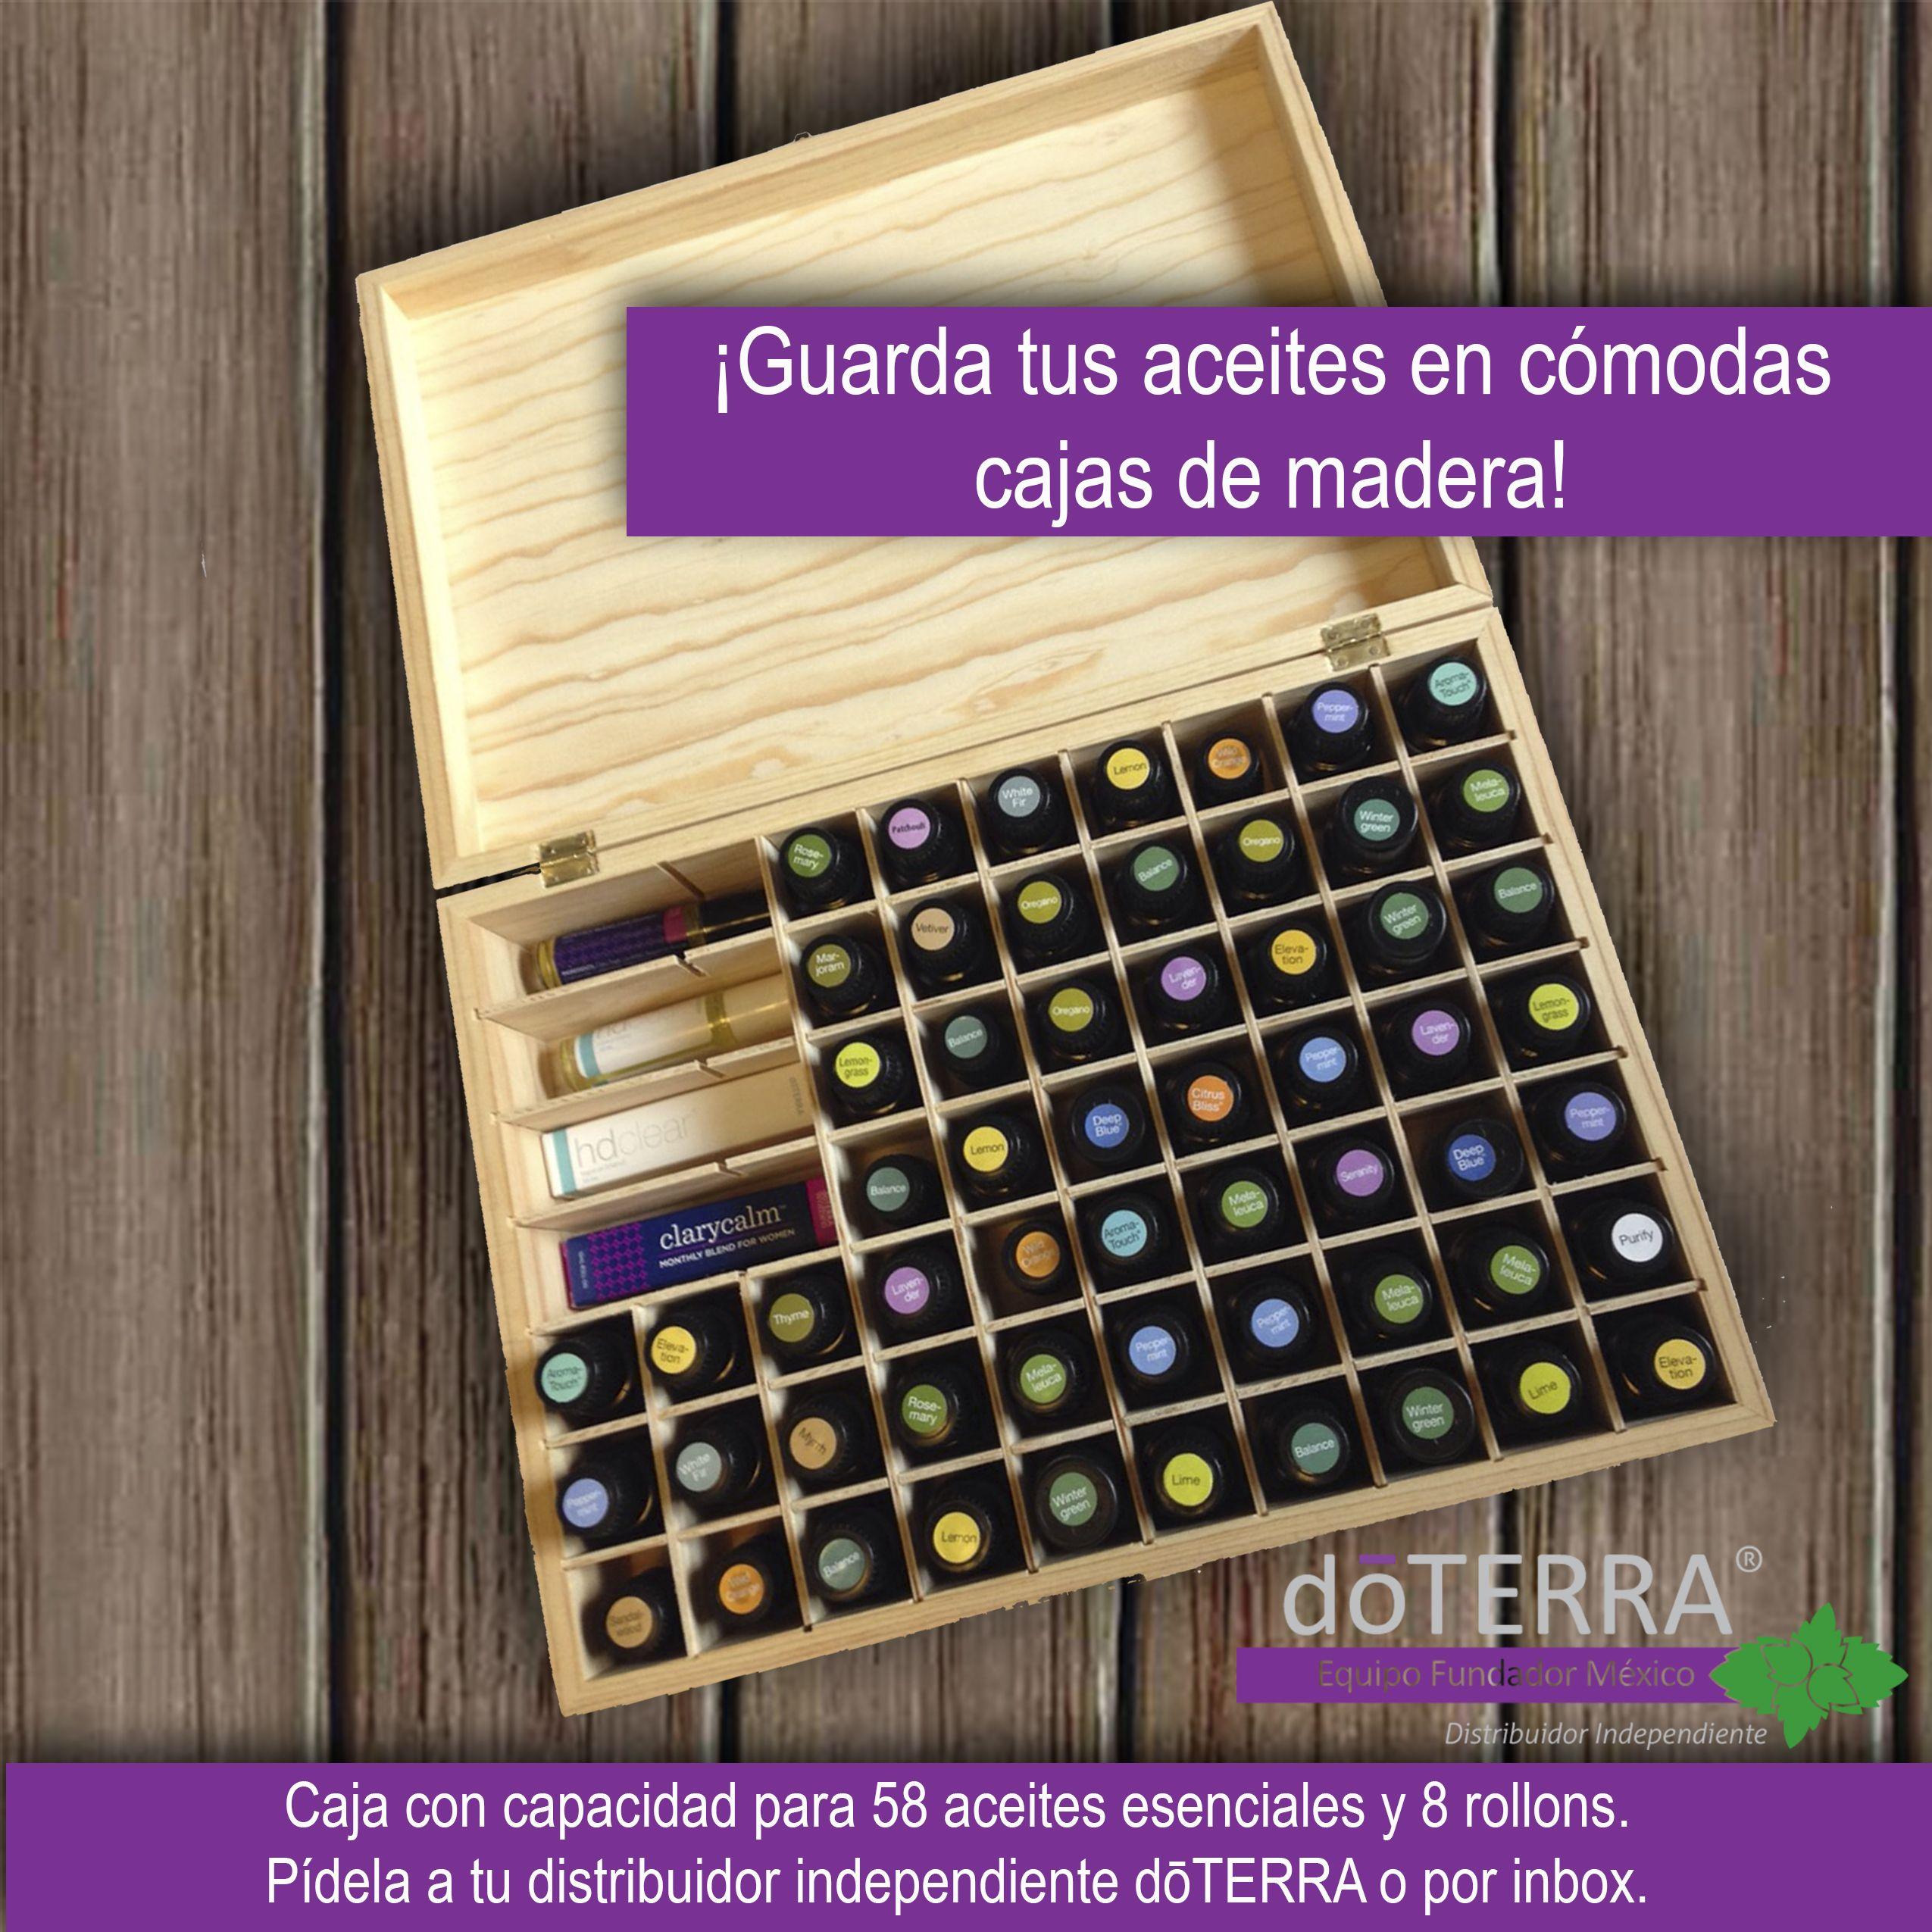 Cajas de madera para guardar aceites esenciales - Cajas de madera ...